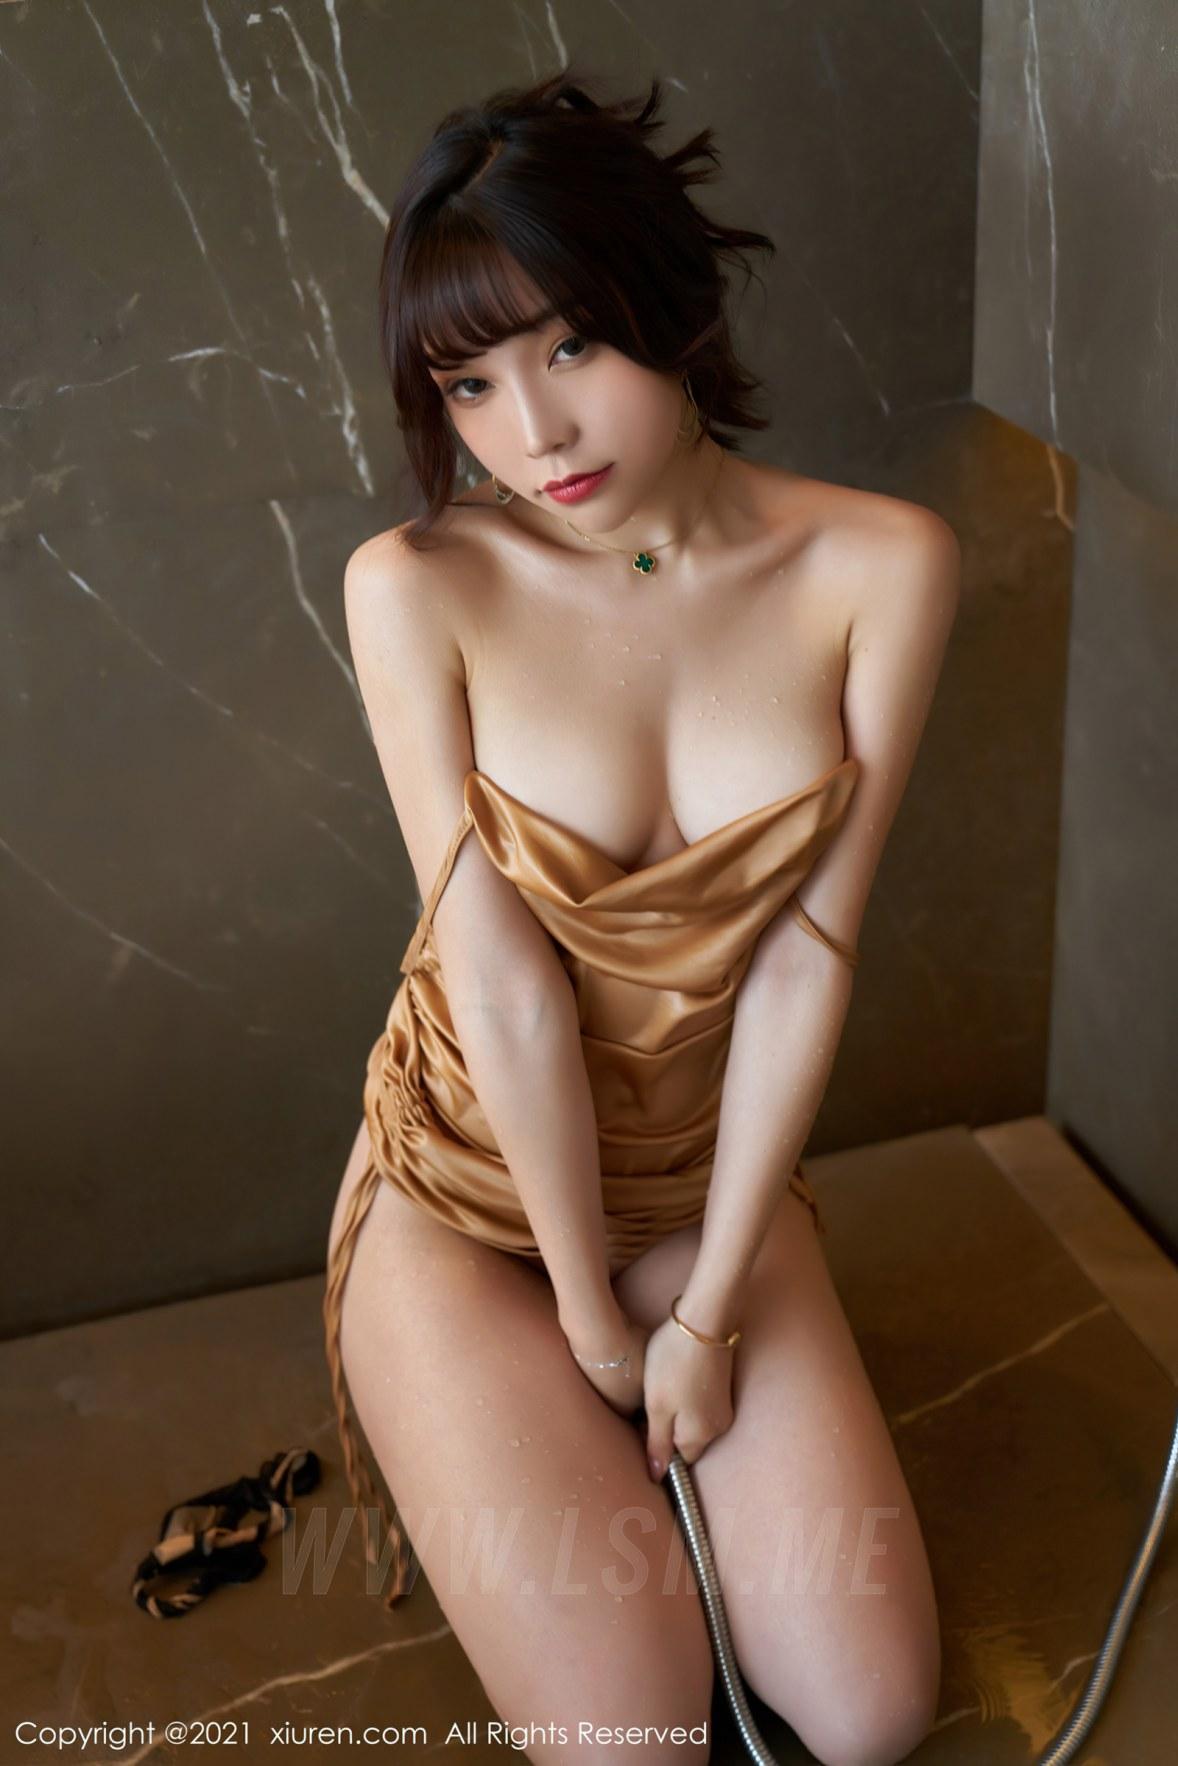 XiuRen 秀人 No.3089  湿身美乳 芝芝 婀娜娇躯 - 3